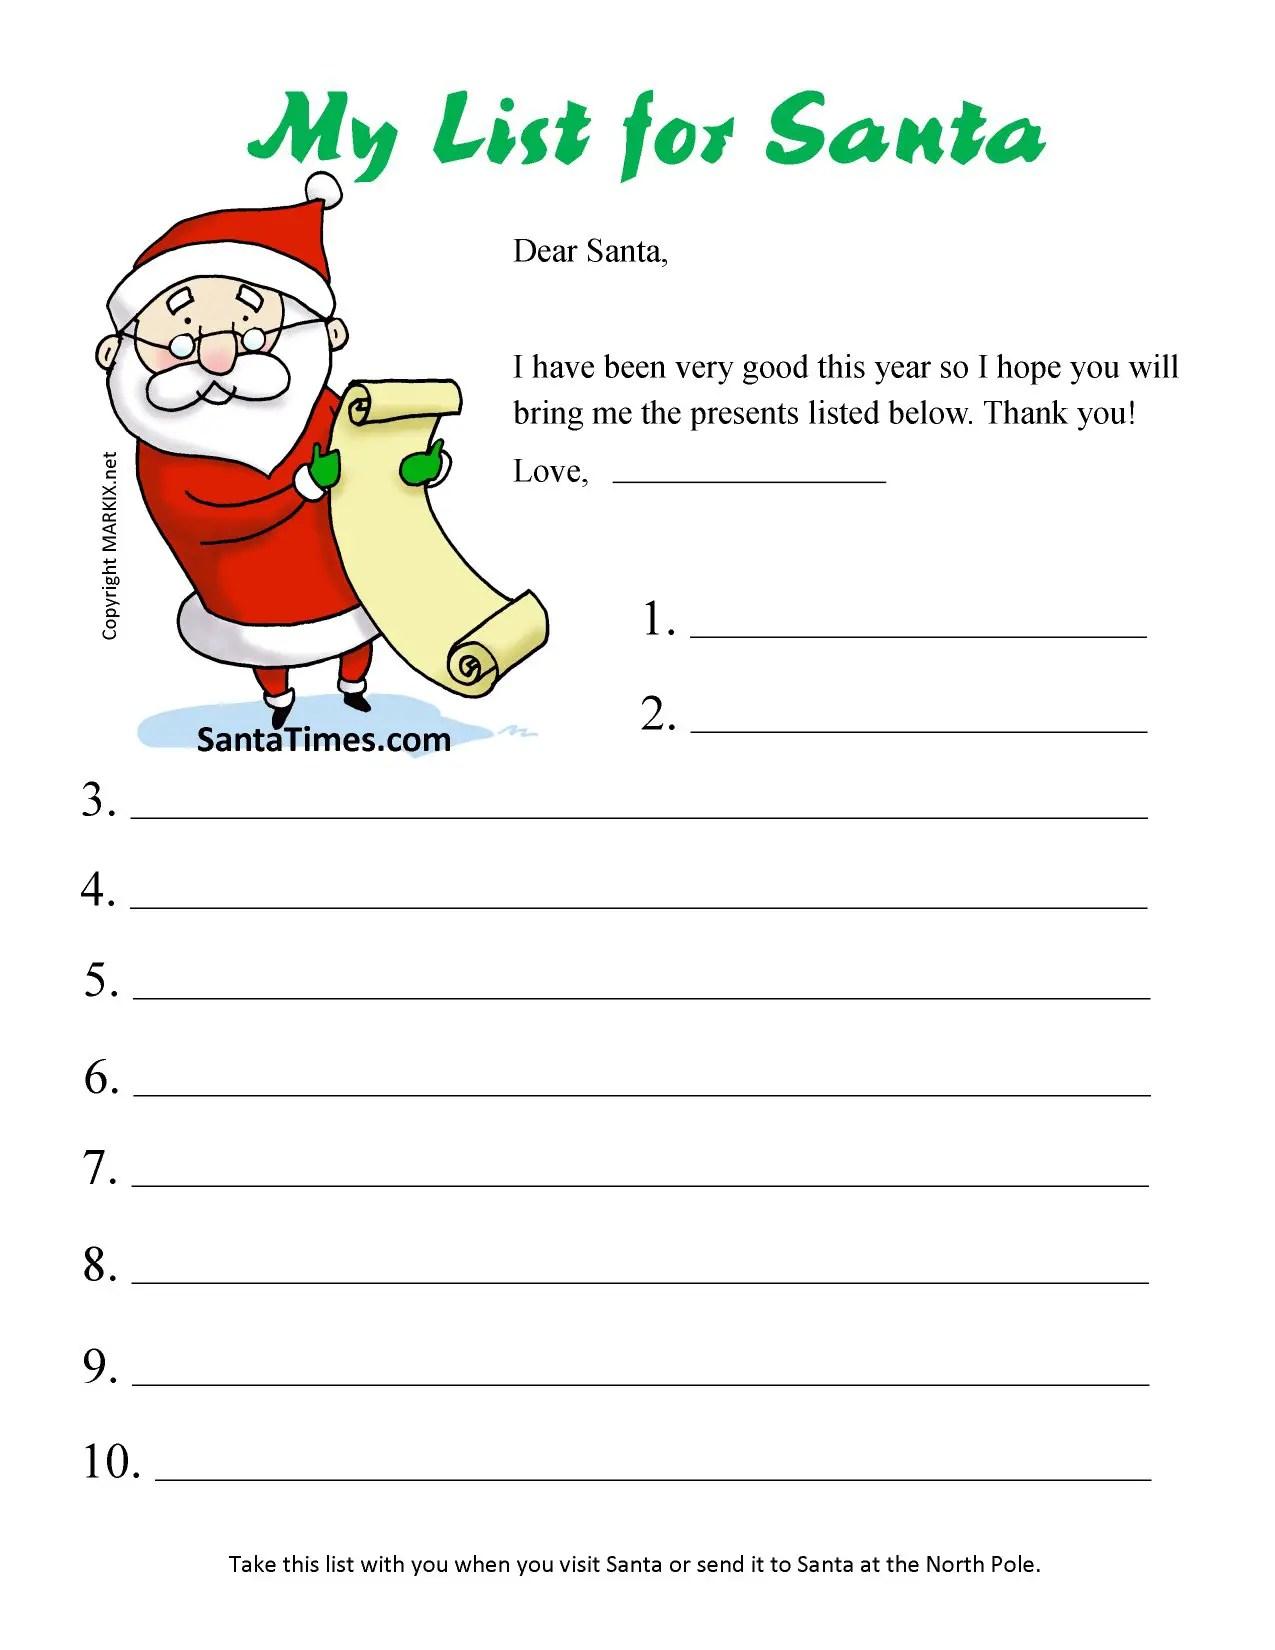 48 Christmas Wish Lists